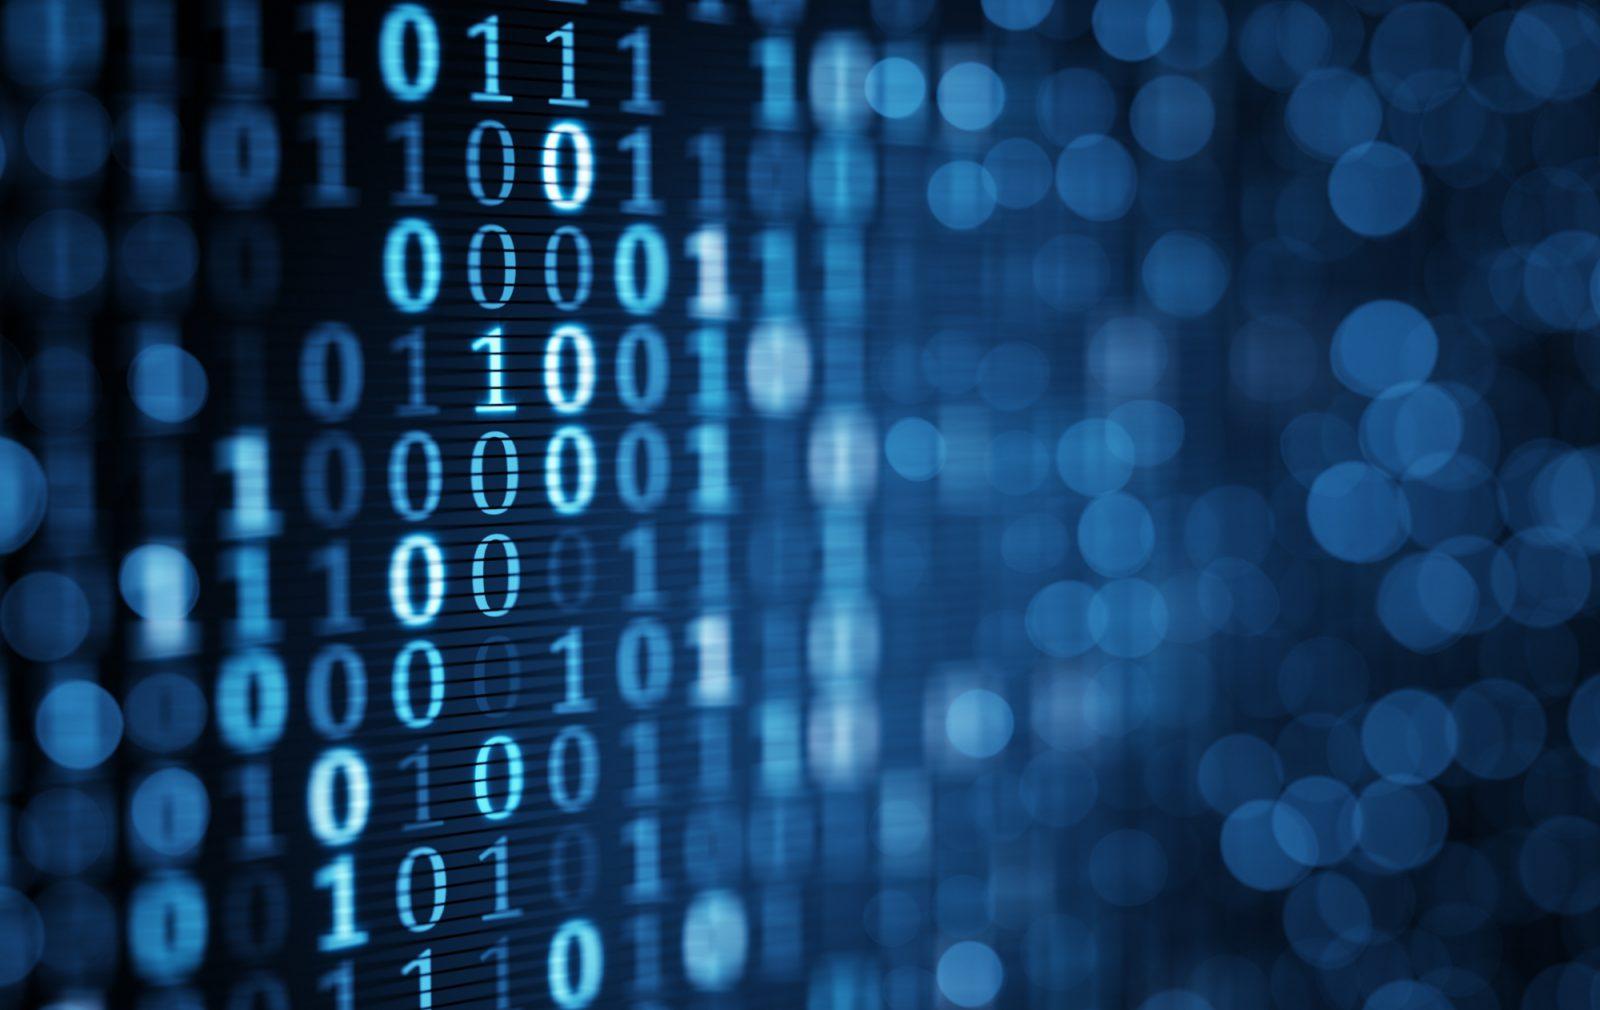 Voci dalle Rete: Rischio cyber, le assicurazioni non stanno a guardare